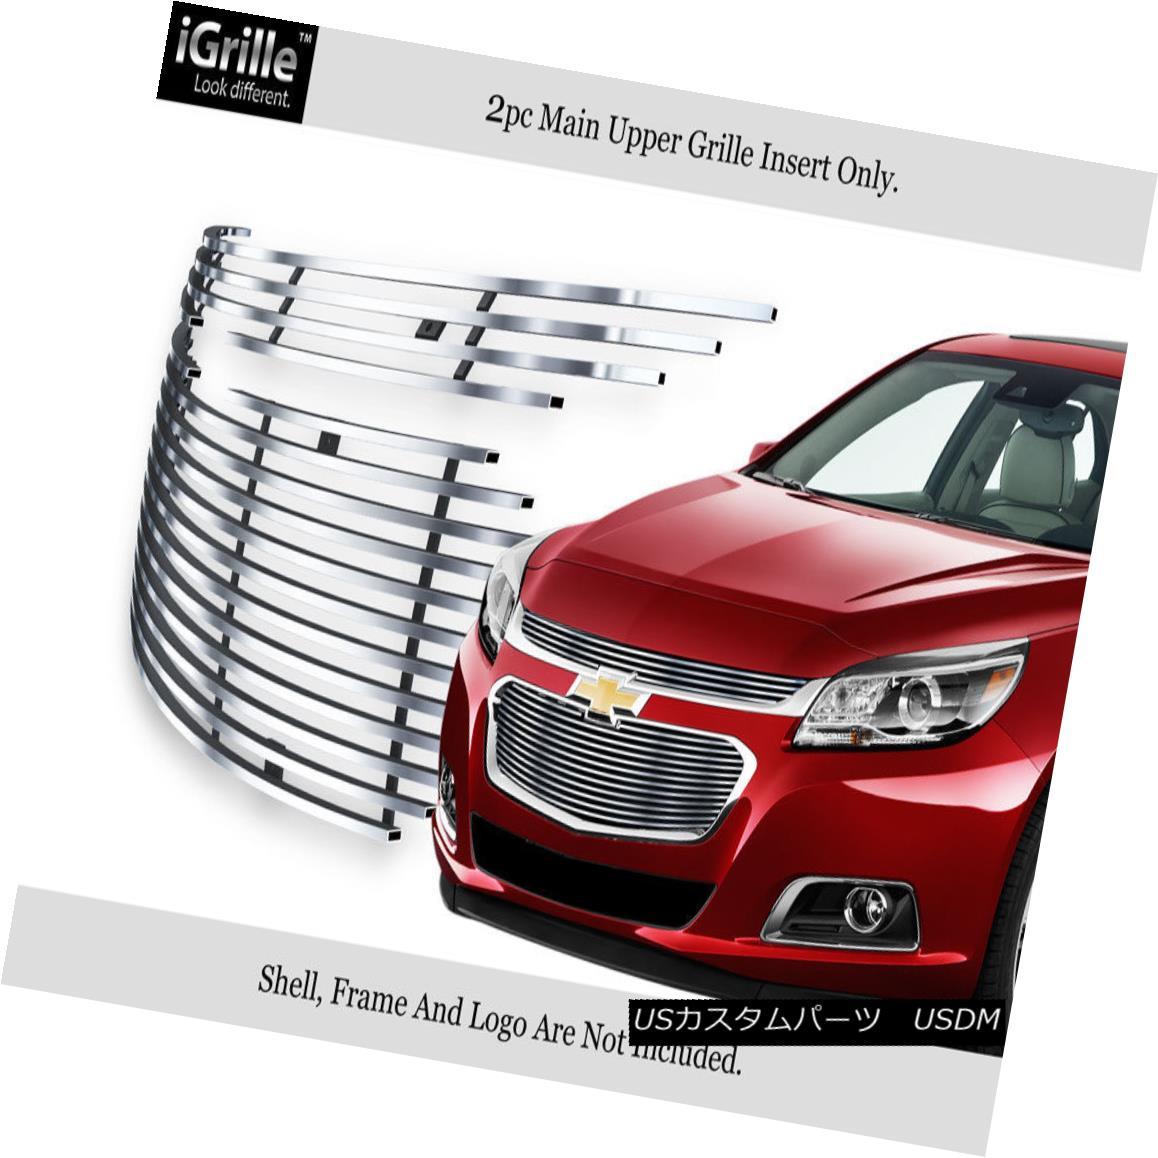 グリル For 2014-2015 Chevy Malibu Main Upper Stainless Steel Billet Grille Insert 2014-2015シボレーマリブメインアッパーステンレススチールビレットグリルインサート